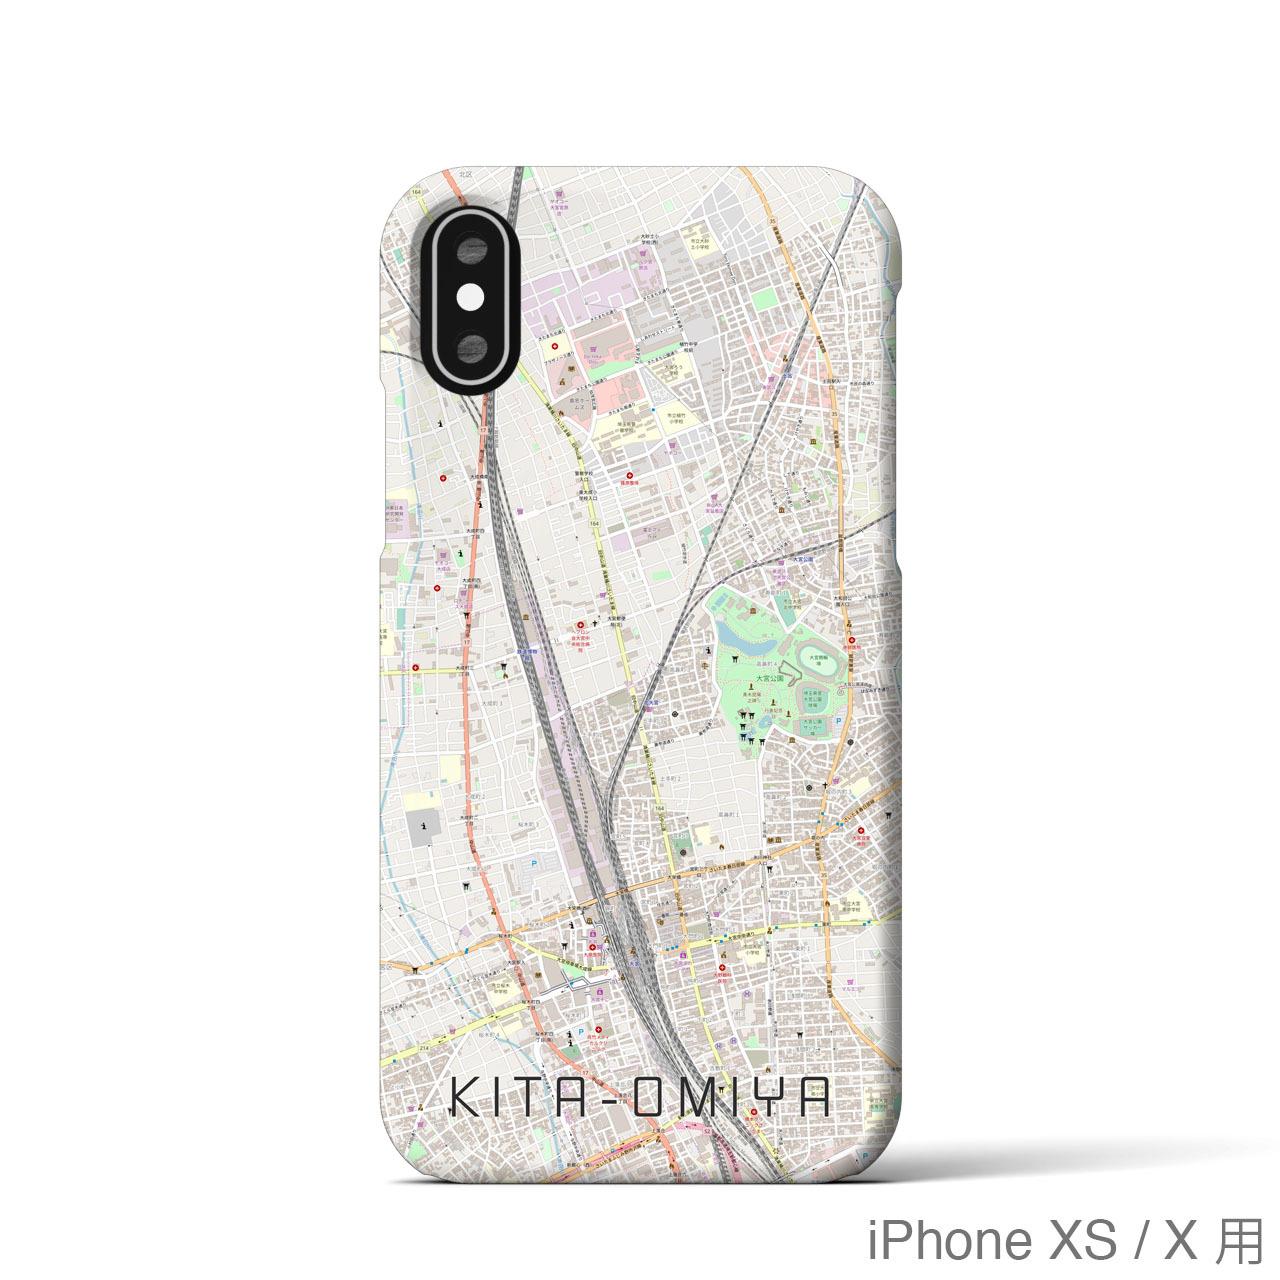 【北大宮】地図柄iPhoneケース(バックカバータイプ・ナチュラル)